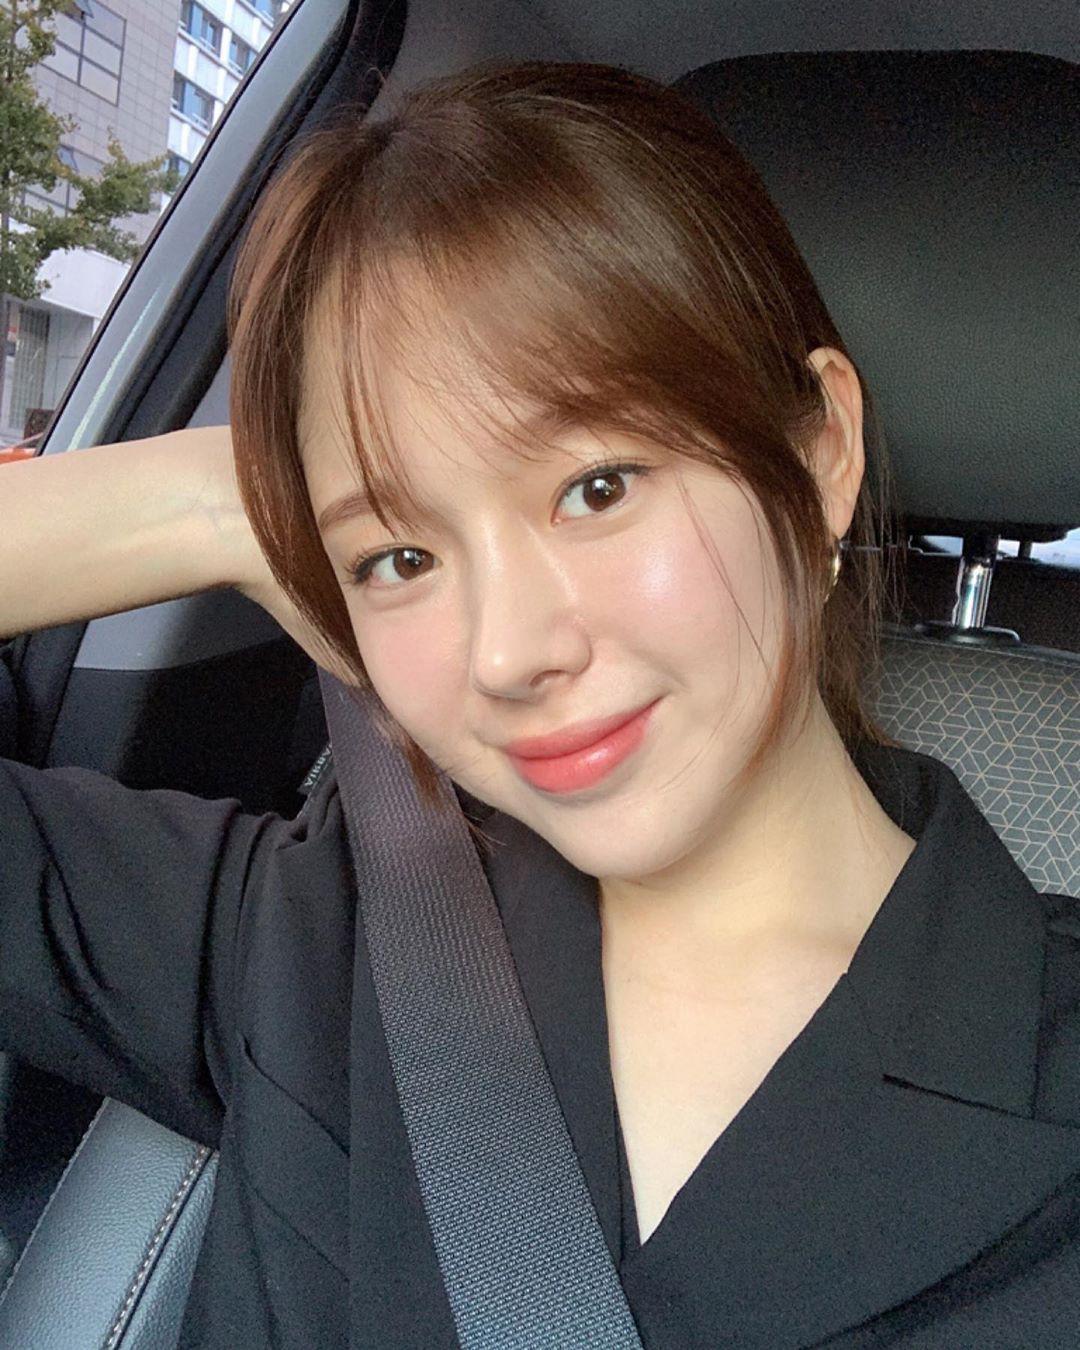 Da đẹp như gái Hàn: Khi bí mật không nằm ở loạt mỹ phẩm đắp lên mặt hay tầng tầng lớp lớp skincare mỗi ngày - Ảnh 1